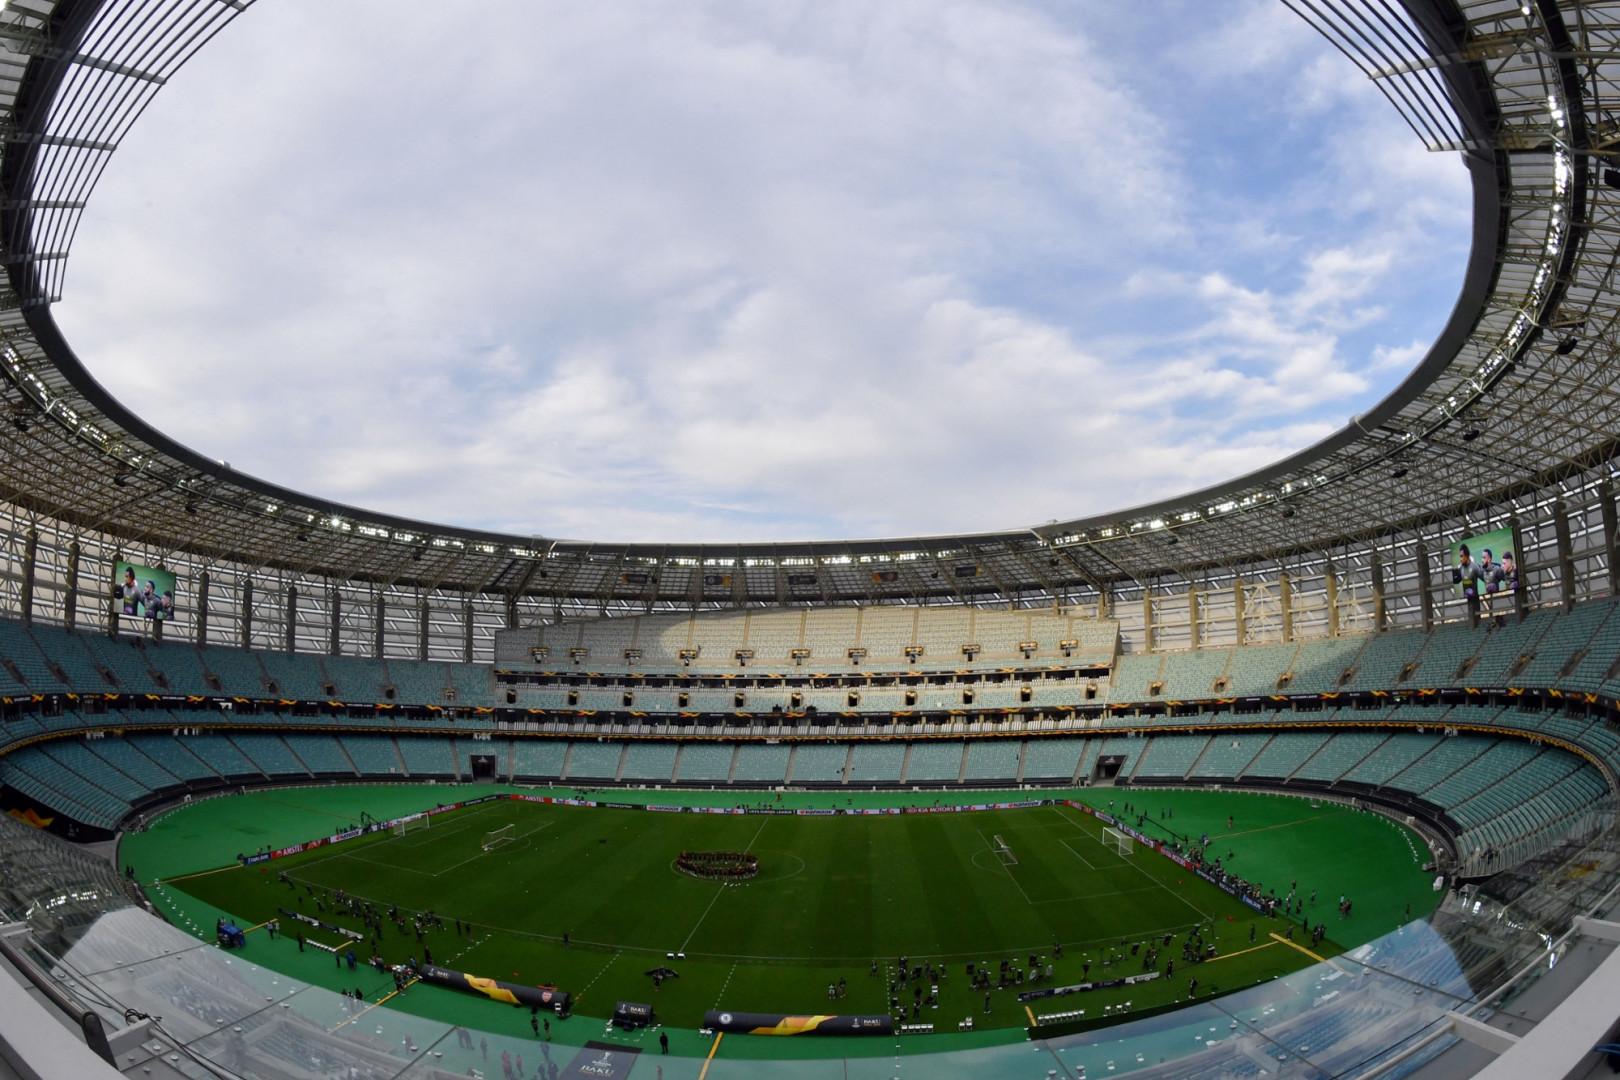 Le stade olympique de Bakou vu de l'intérieur en mai 2019